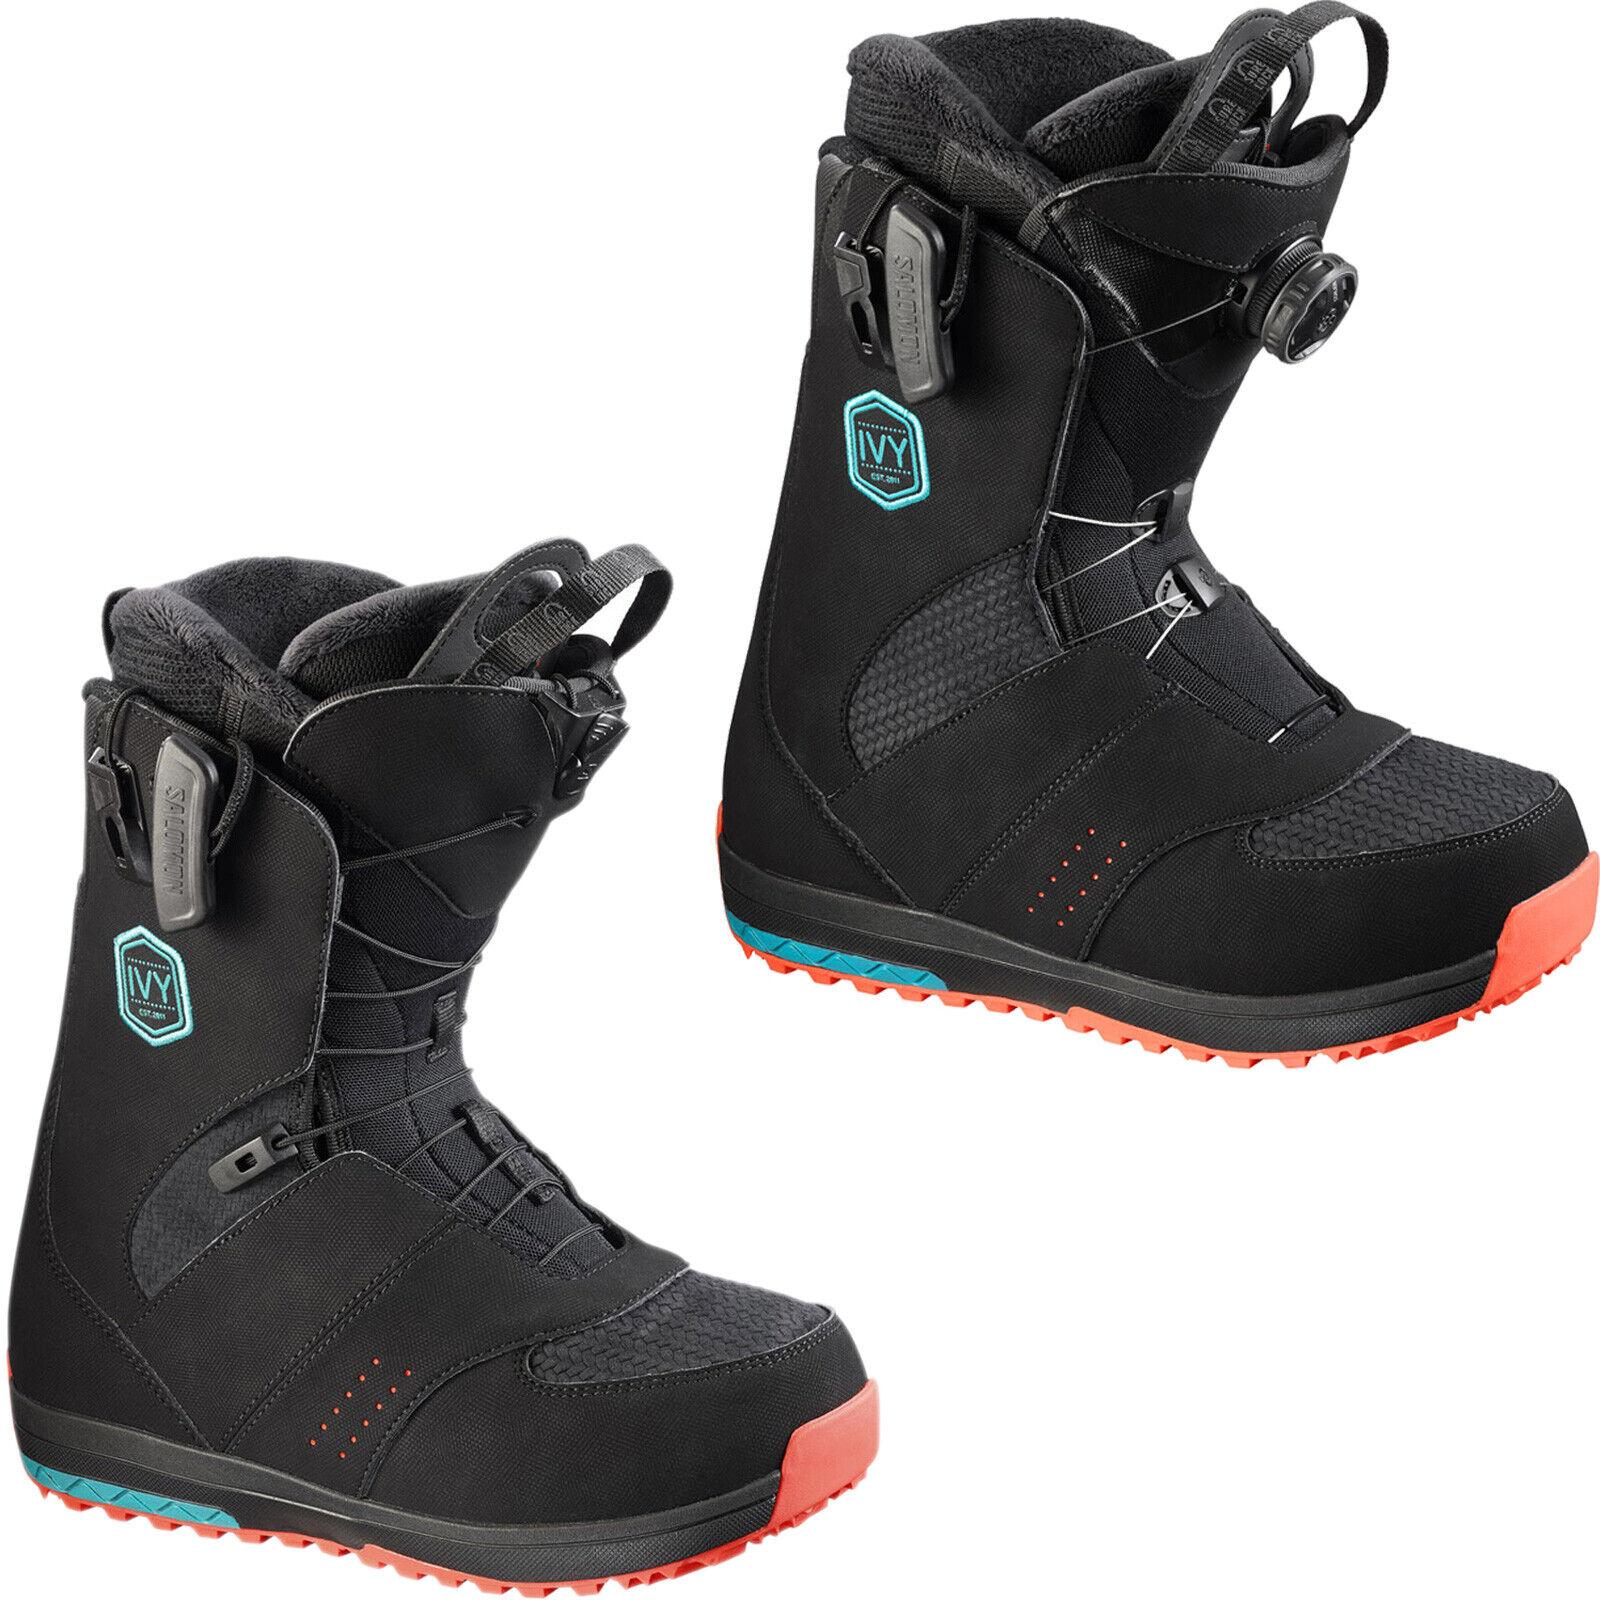 Ivy SolomonIvy boa zapatos de esquí femeninos botas de esquí botas de esquí nuevas